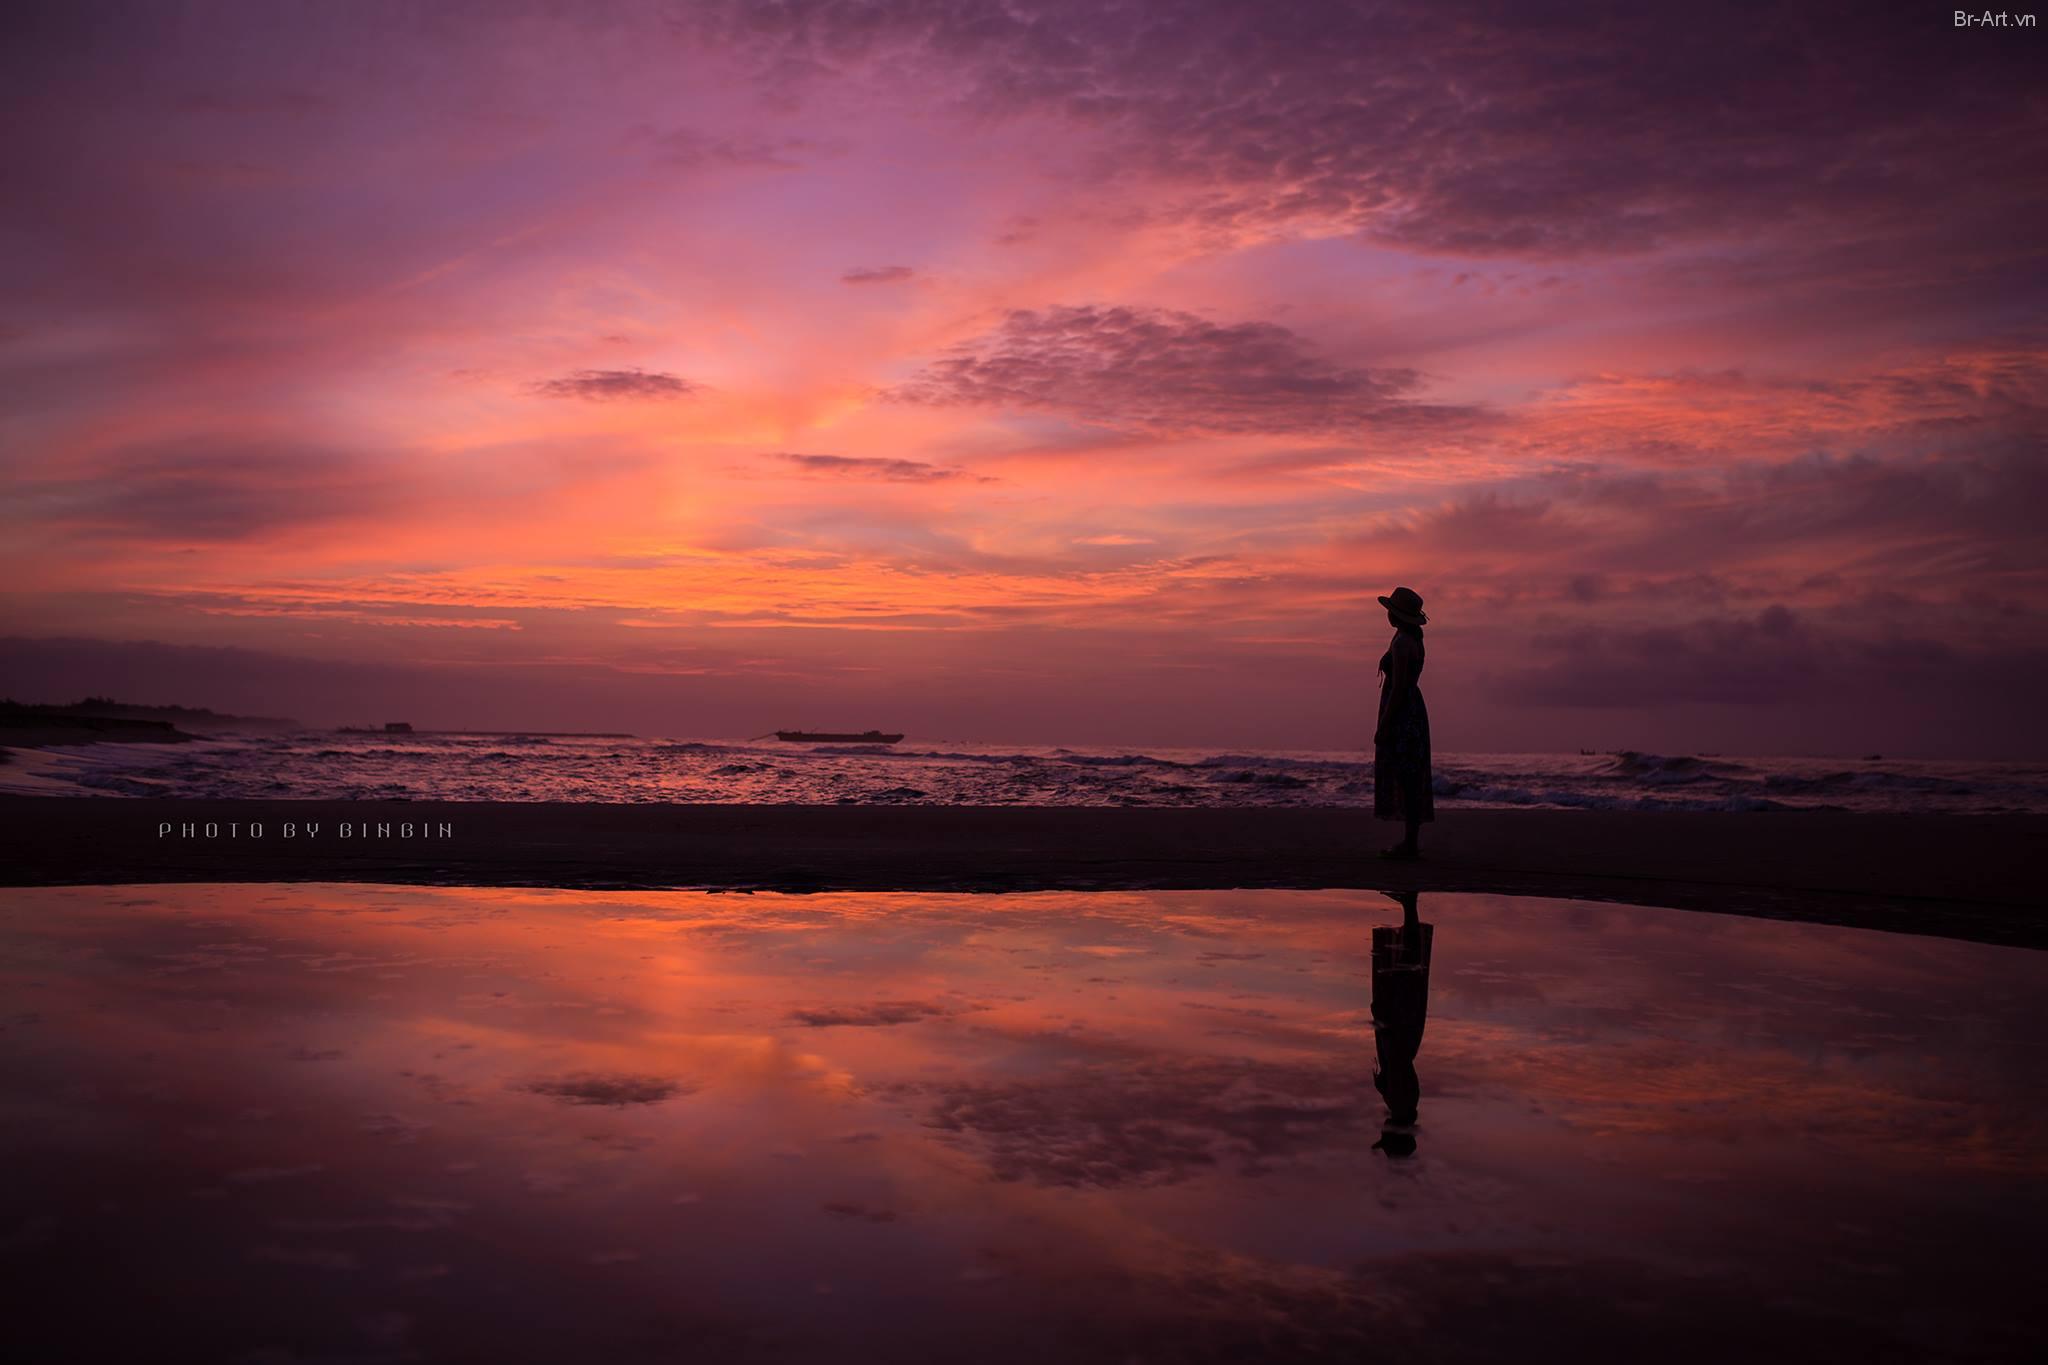 Em một mình ngắm nhìn cảnh bình minh